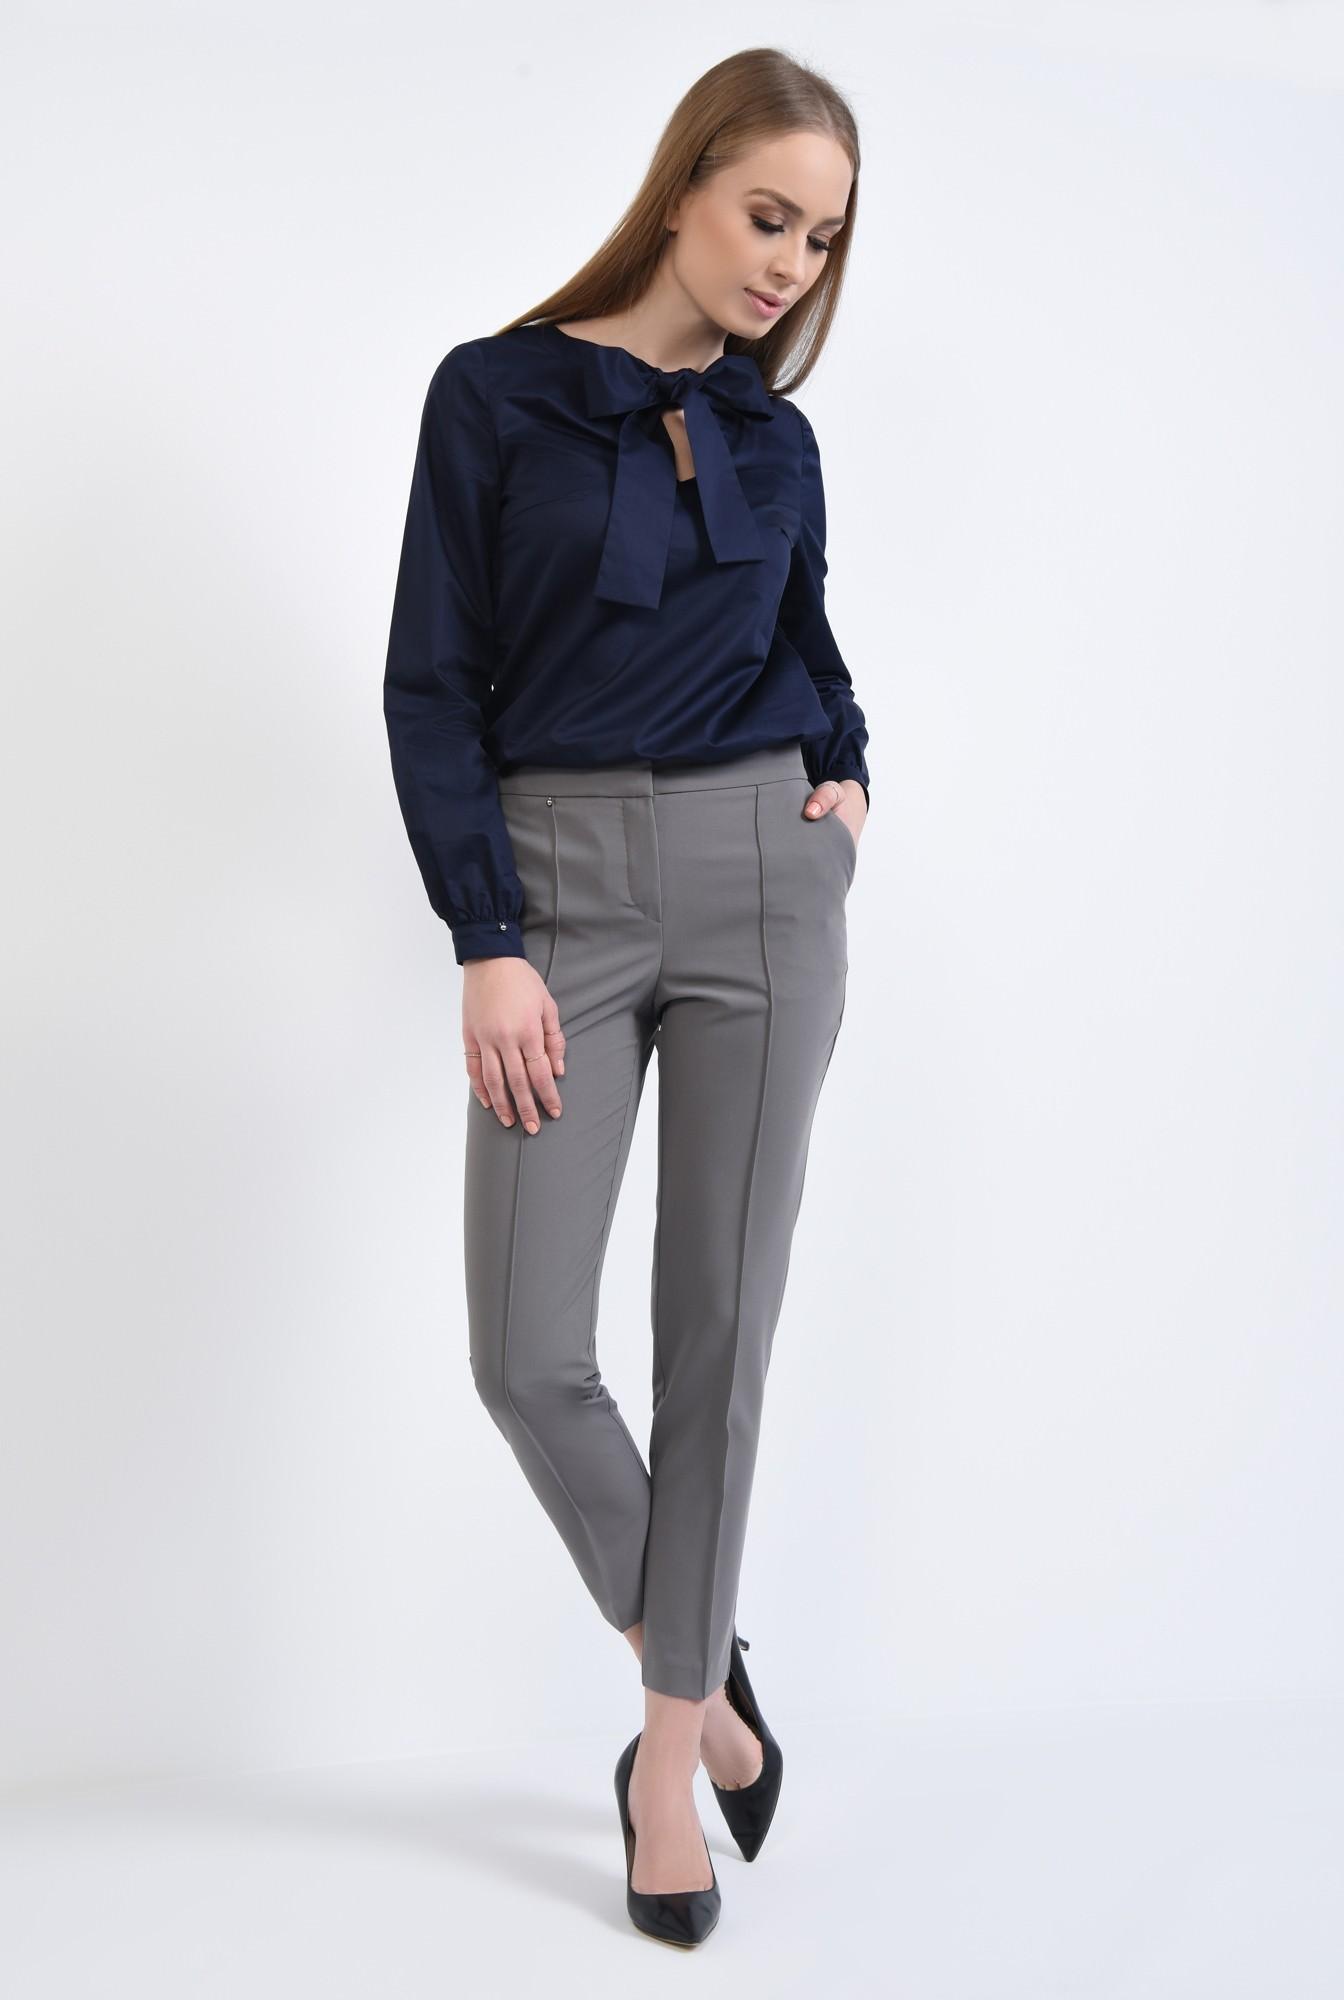 2 - Bluza casual, albastru, croi drept, bumbac, funda